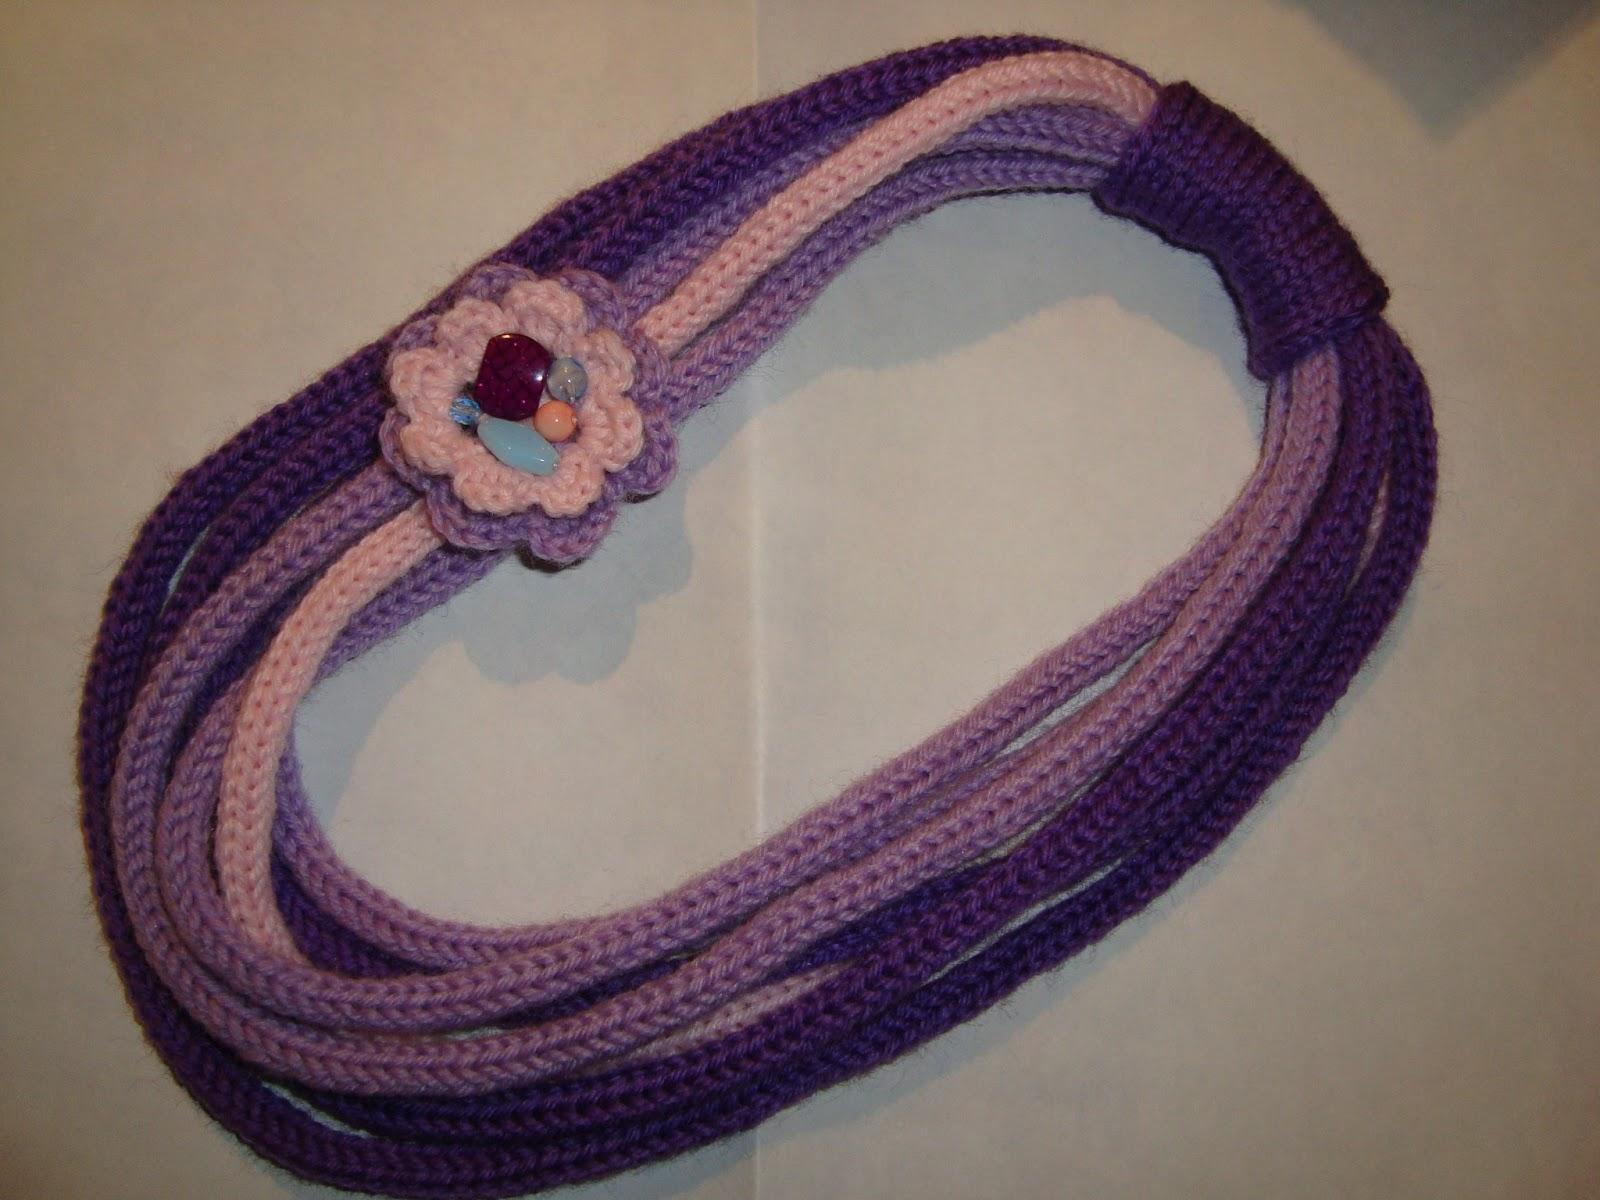 Favorito Le creazioni Di Grazia: collane di lana KT05